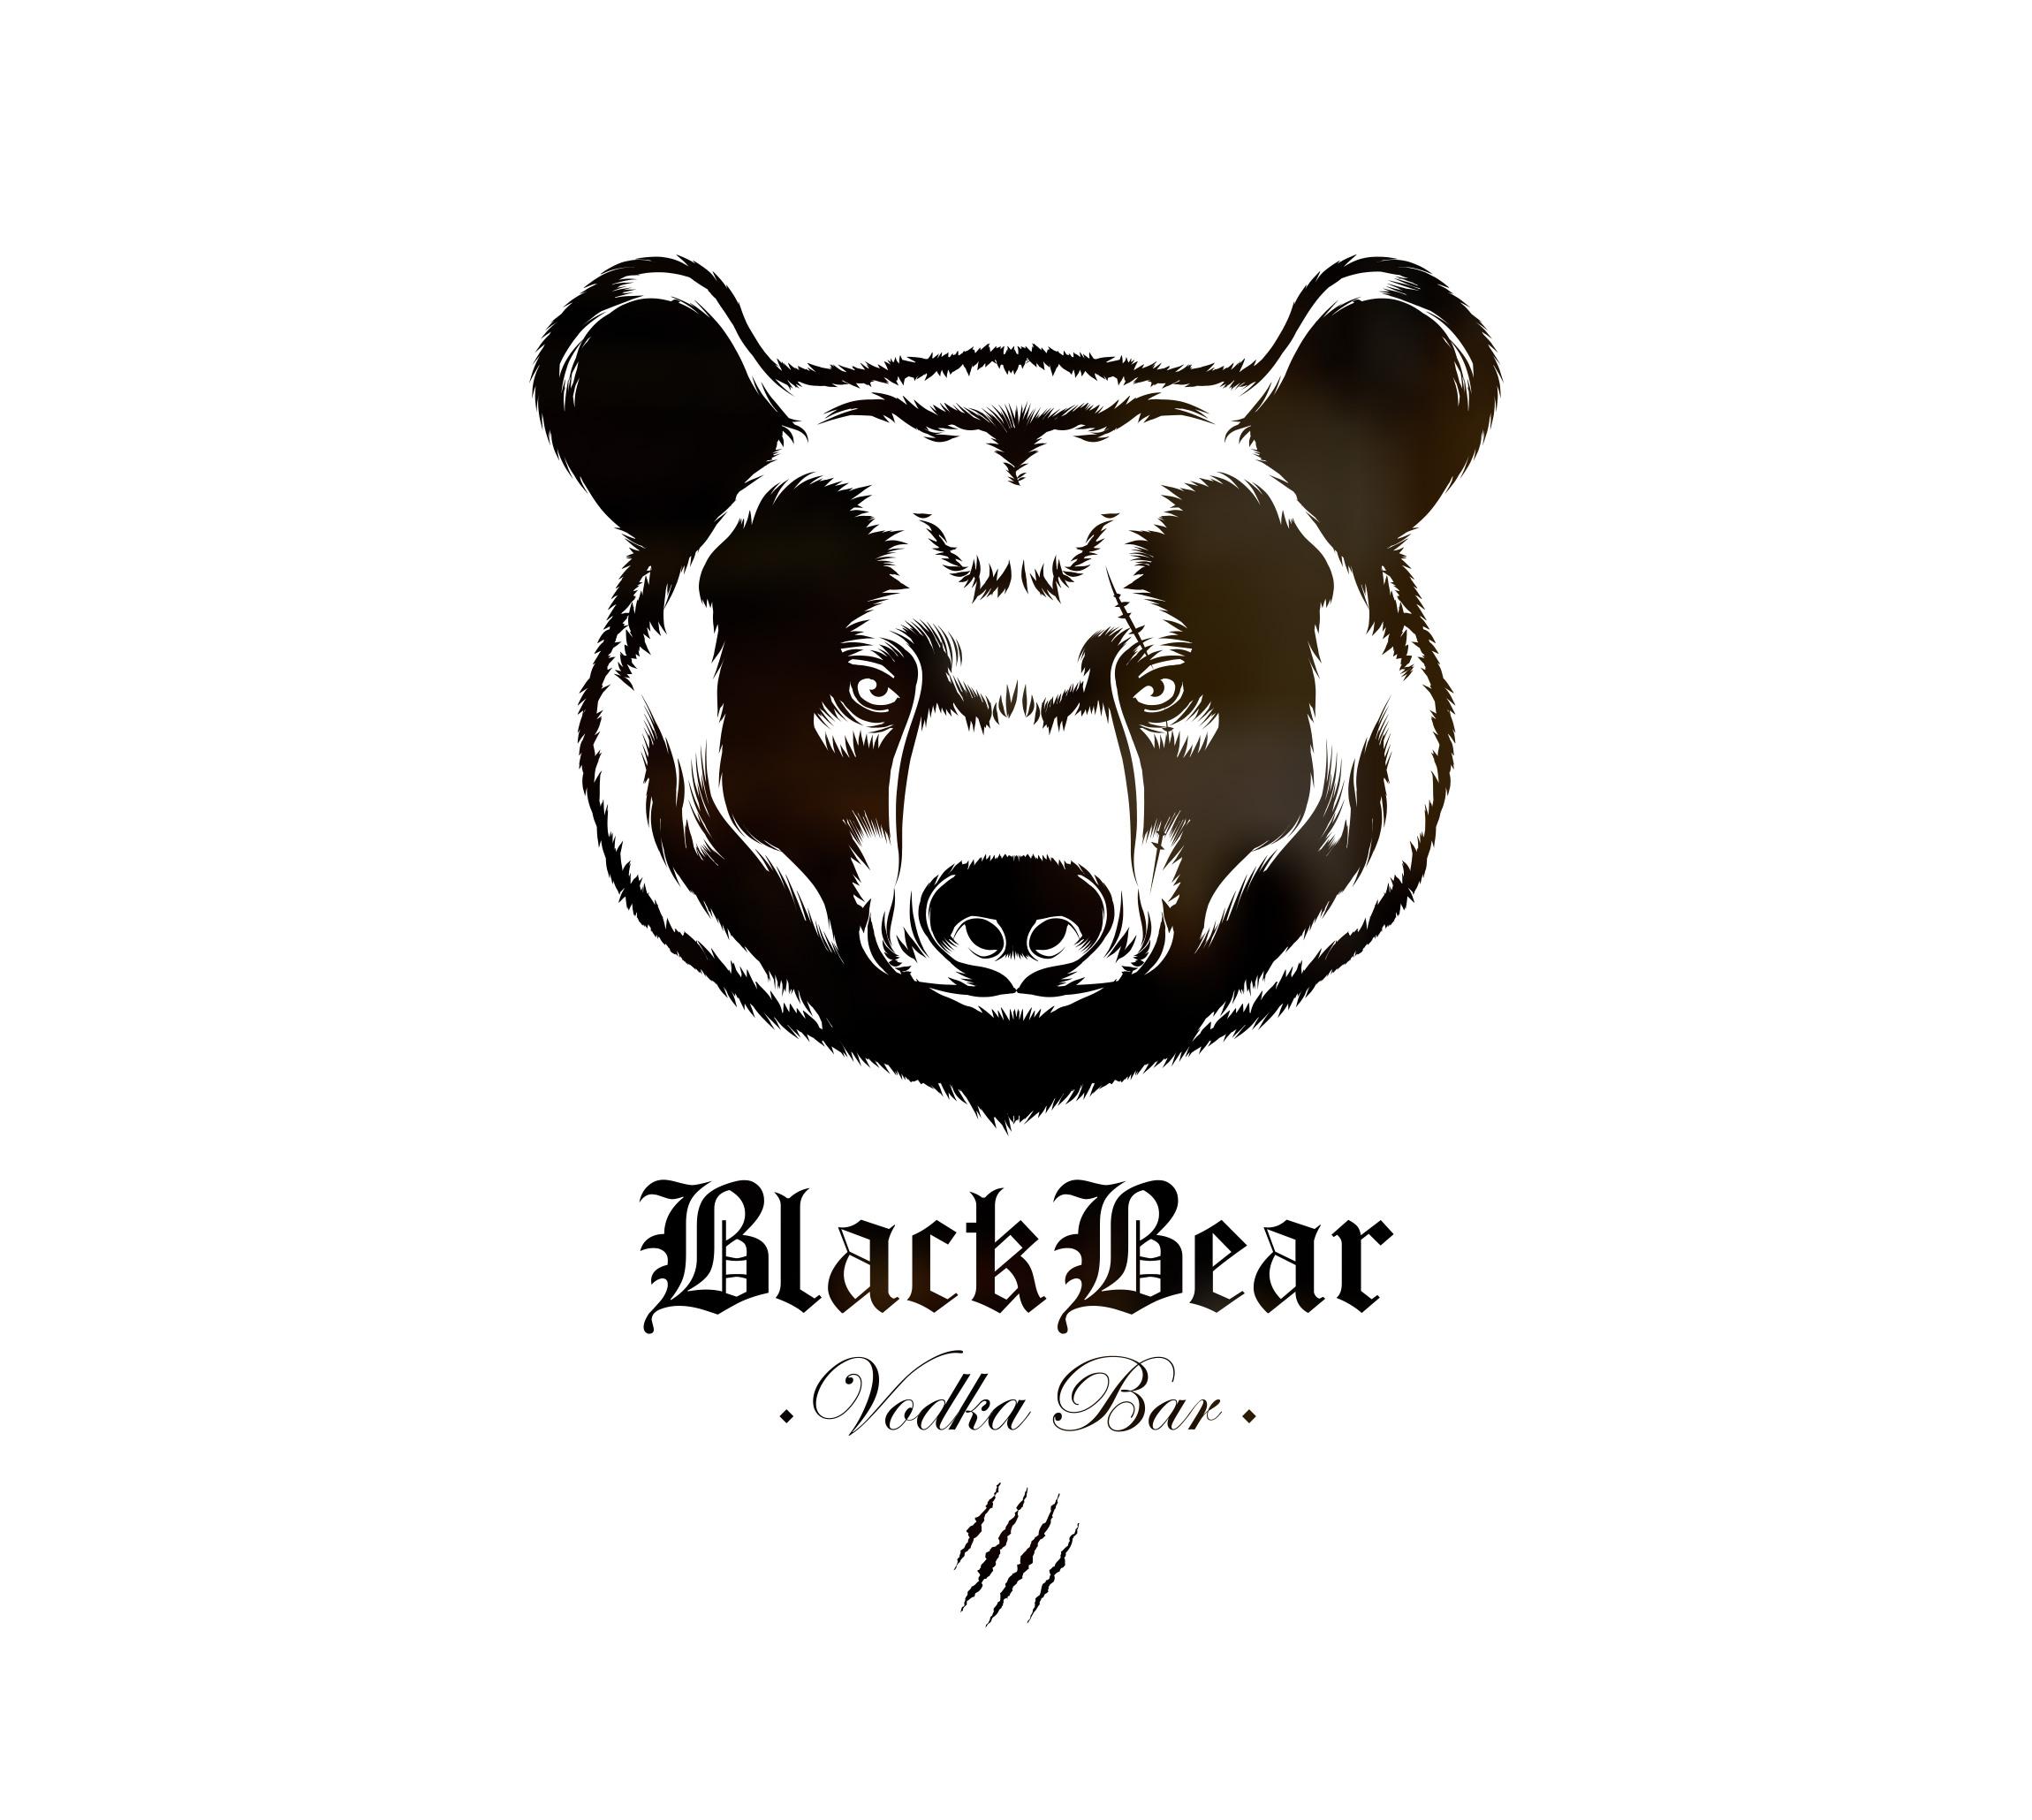 """Création logo, menu, illustration, identité visuelle pour le bar à vodka """"BLACK BEAR"""""""